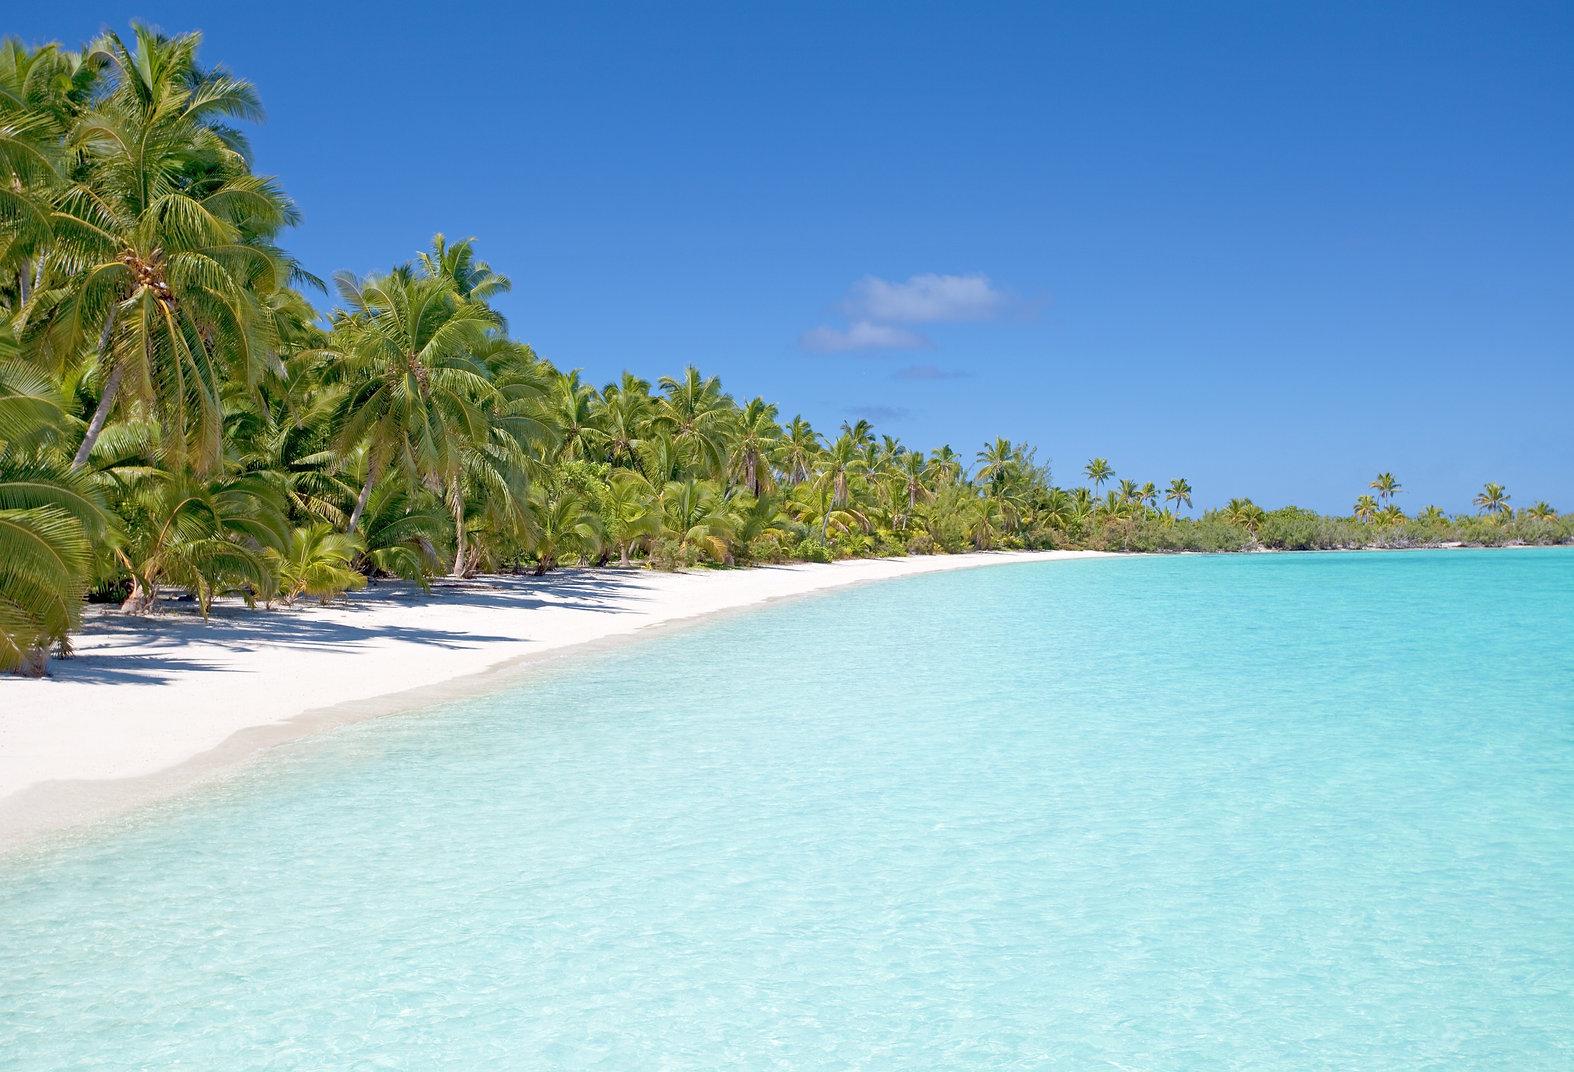 Clear Blue Sea Tropical Beach.jpg